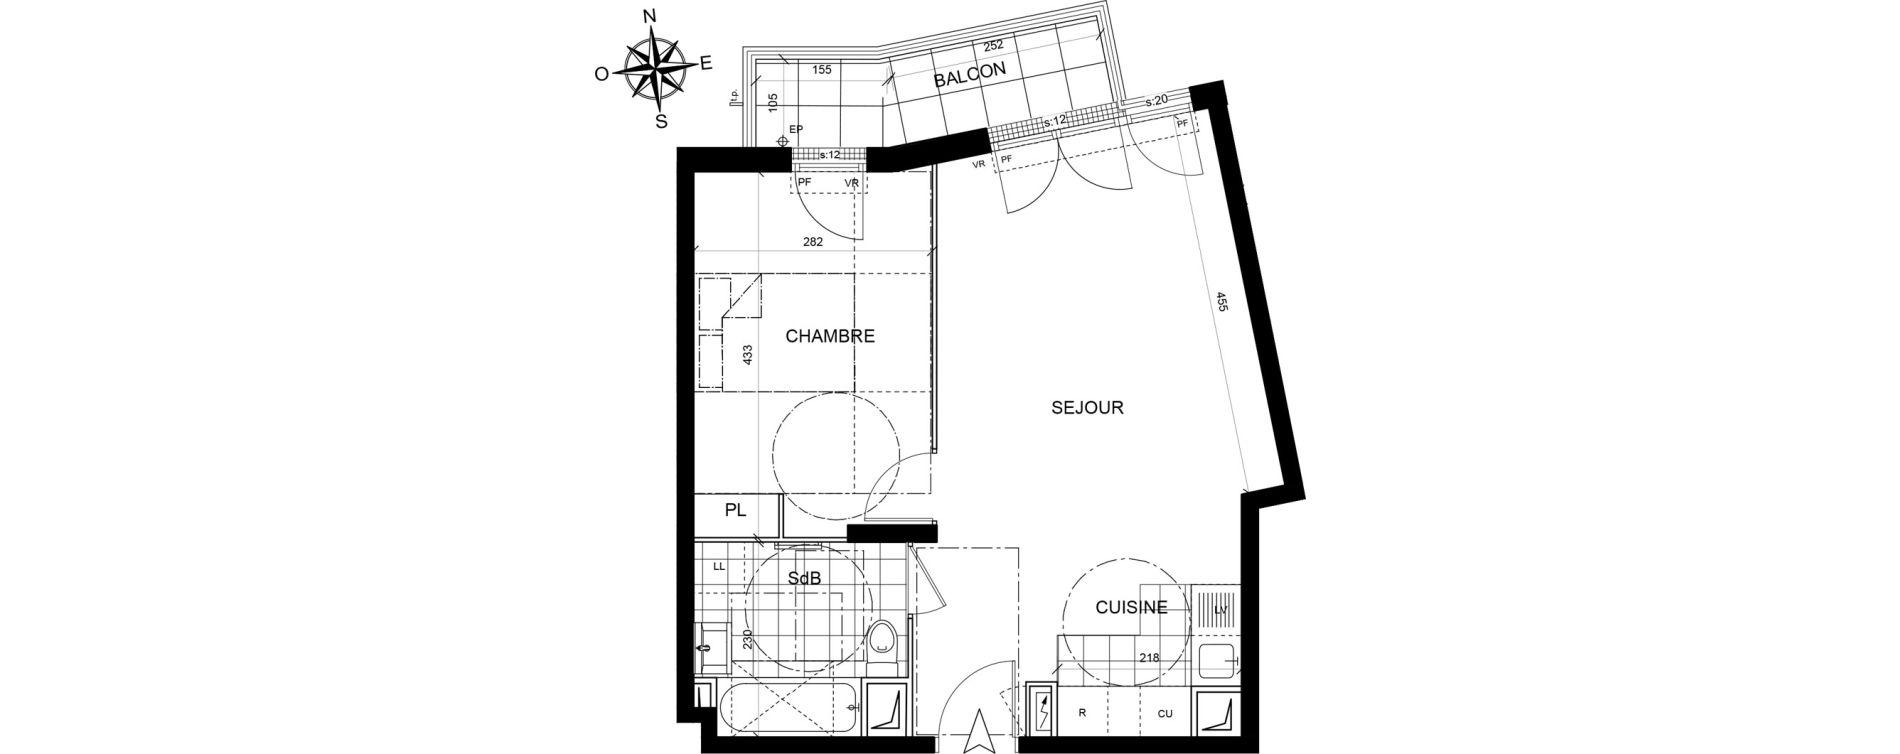 Appartement T2 de 44,30 m2 à Livry-Gargan Centre